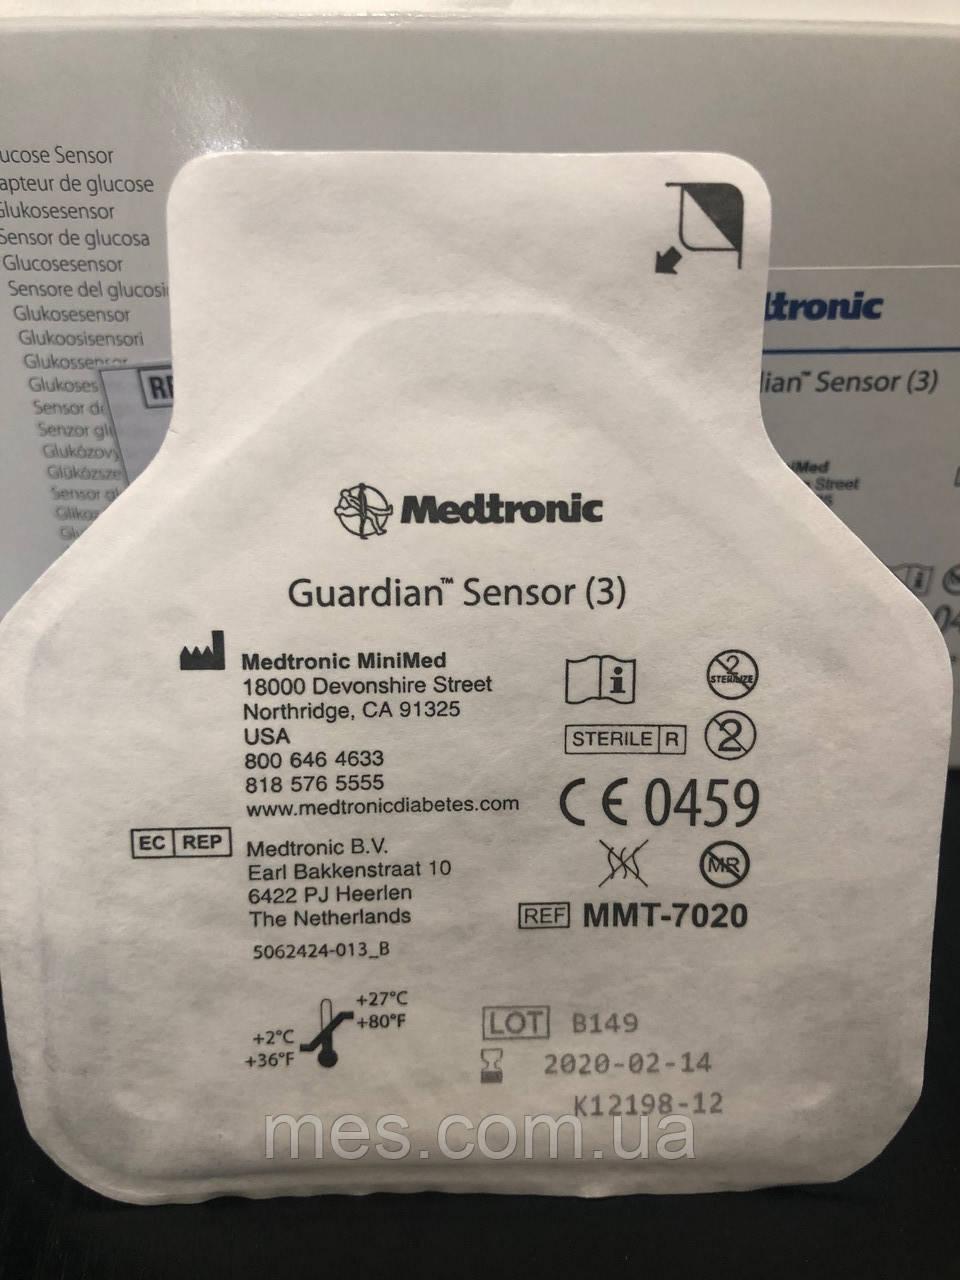 Глюкозний сенсор Гардіан 3 (Gardian Sensor (3)), термін до 2020-02-14